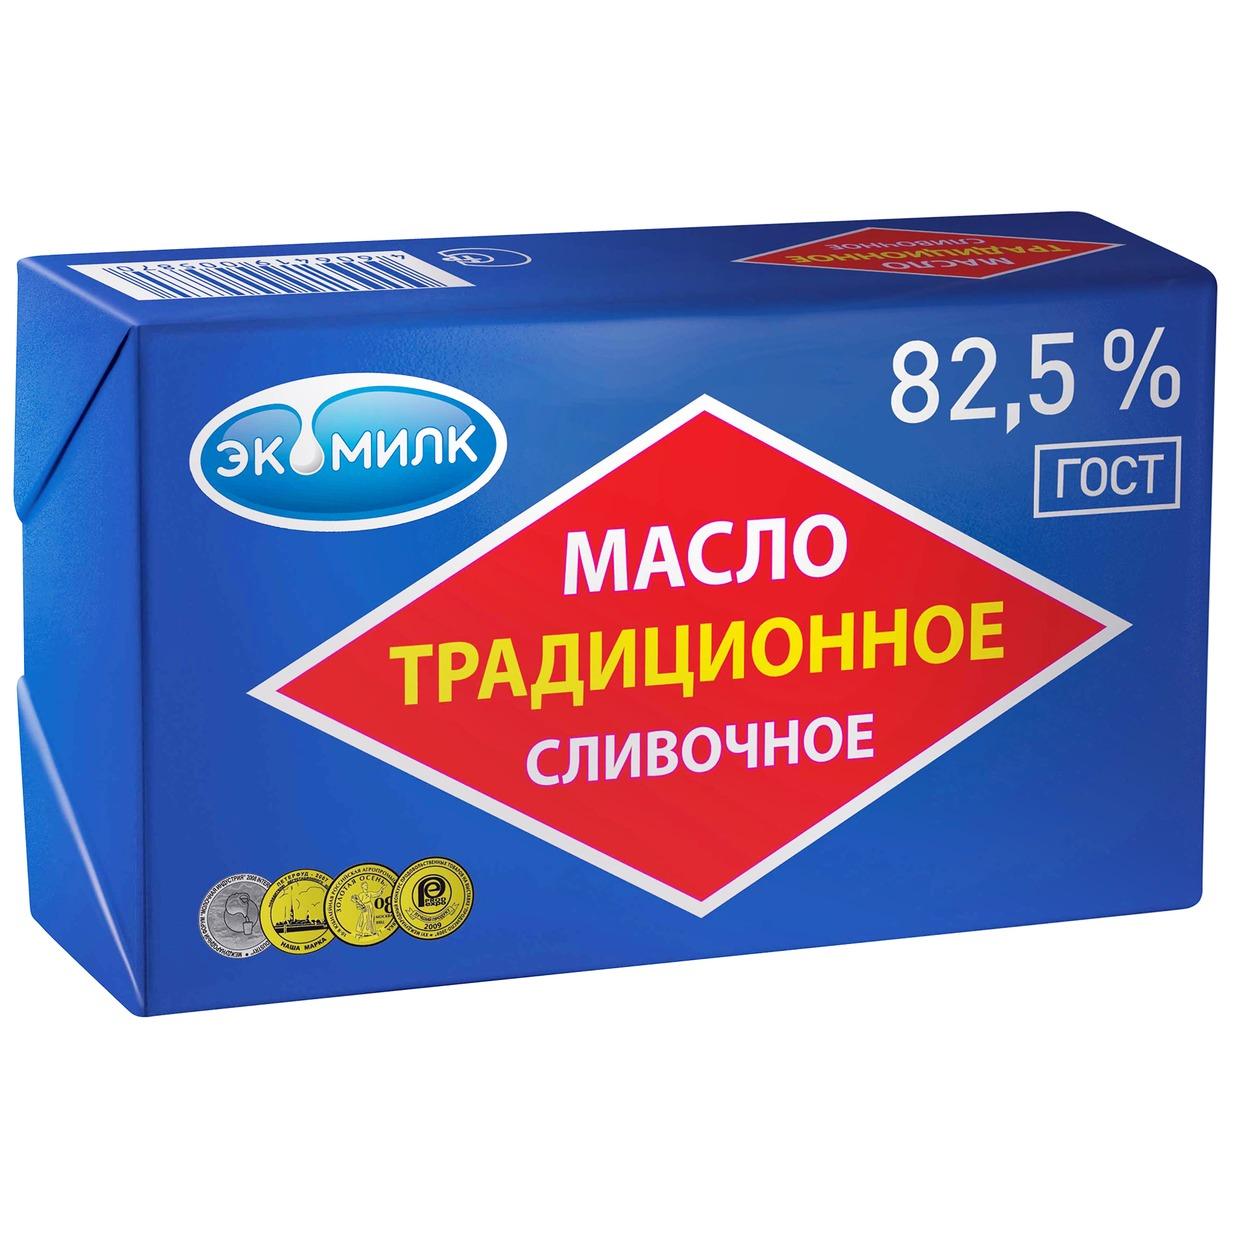 Масло сливочное Экомилк, 82,5%, 180 г